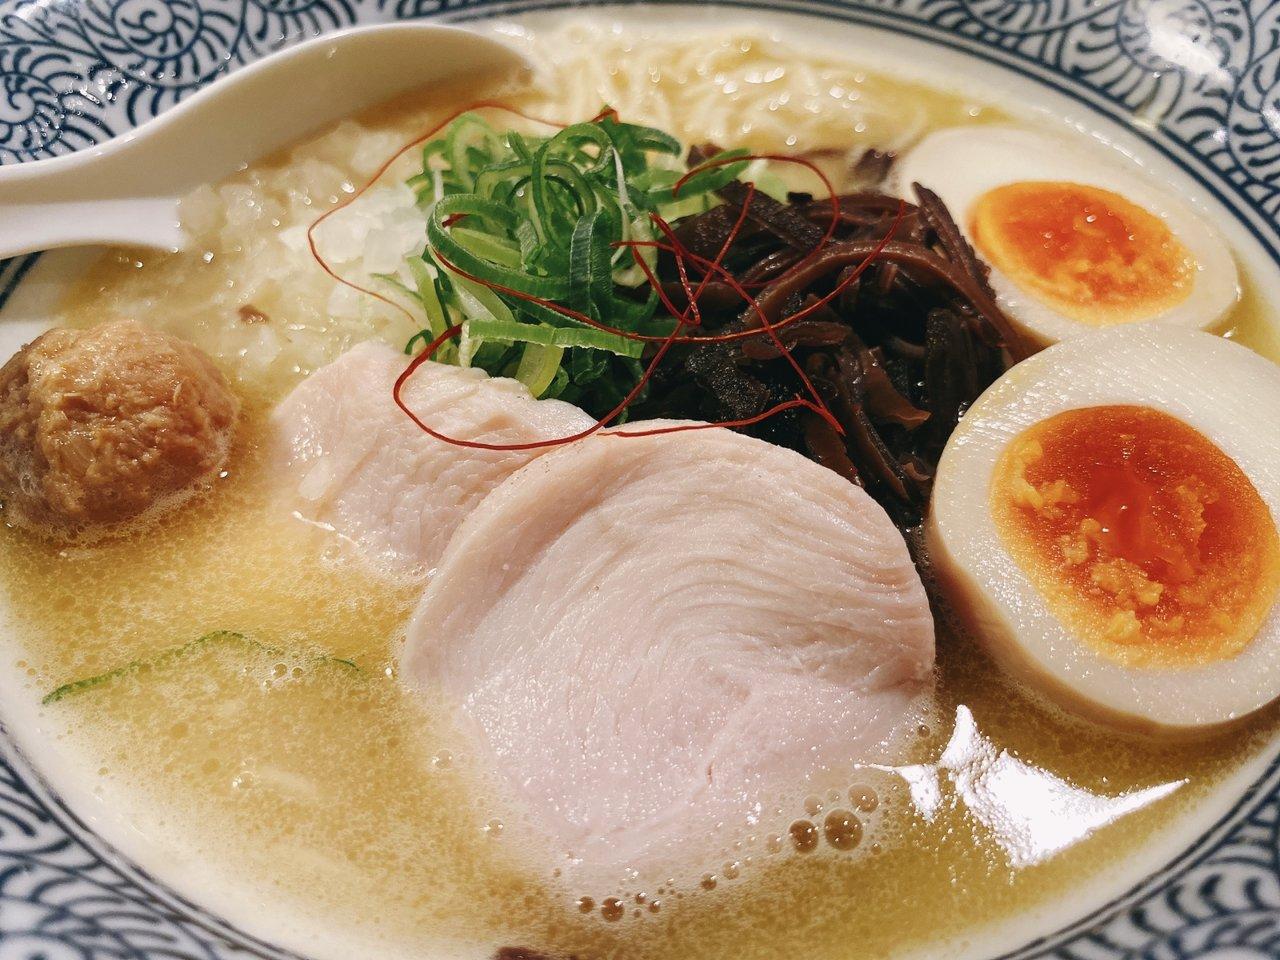 東京ローカルのおいしいラーメンがたべたい|鶏白湯ラーメン